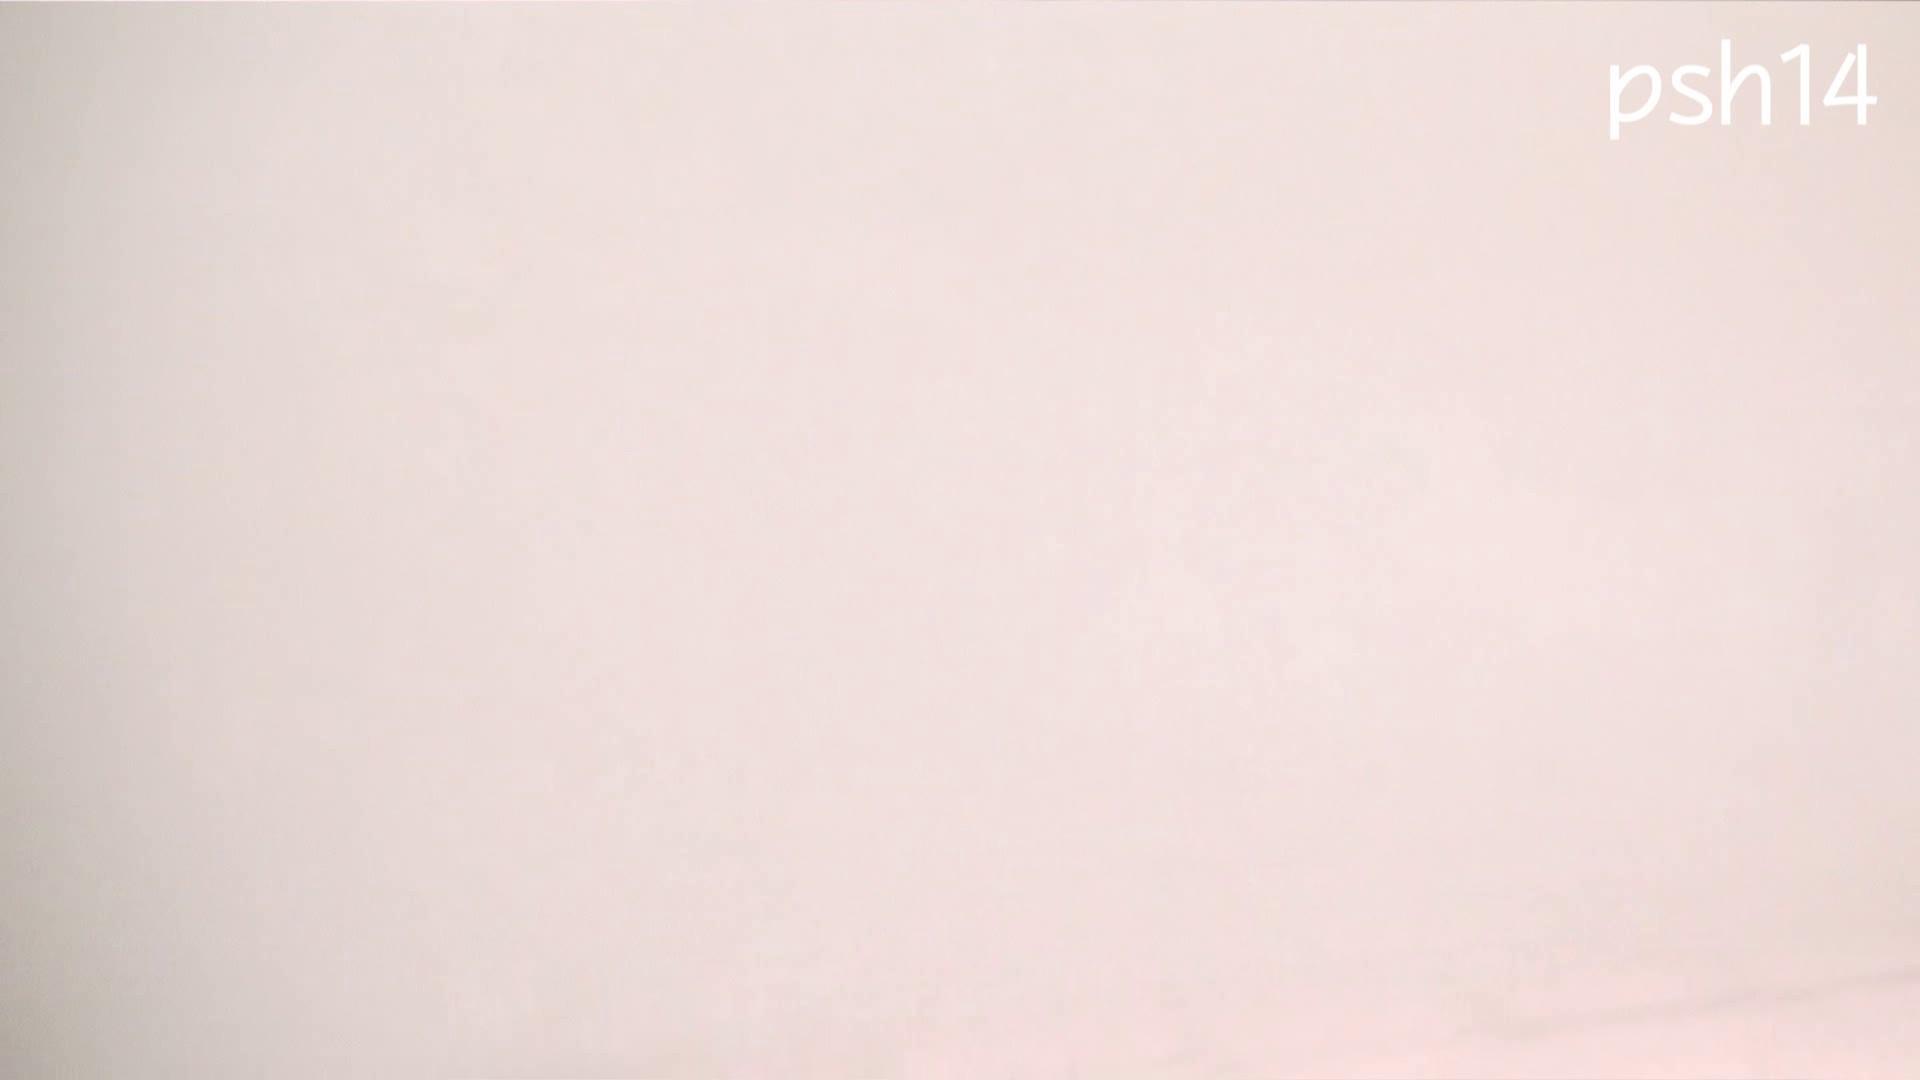 ▲復活限定▲ハイビジョン 盗神伝 Vol.14 丸見え おめこ無修正画像 104画像 103